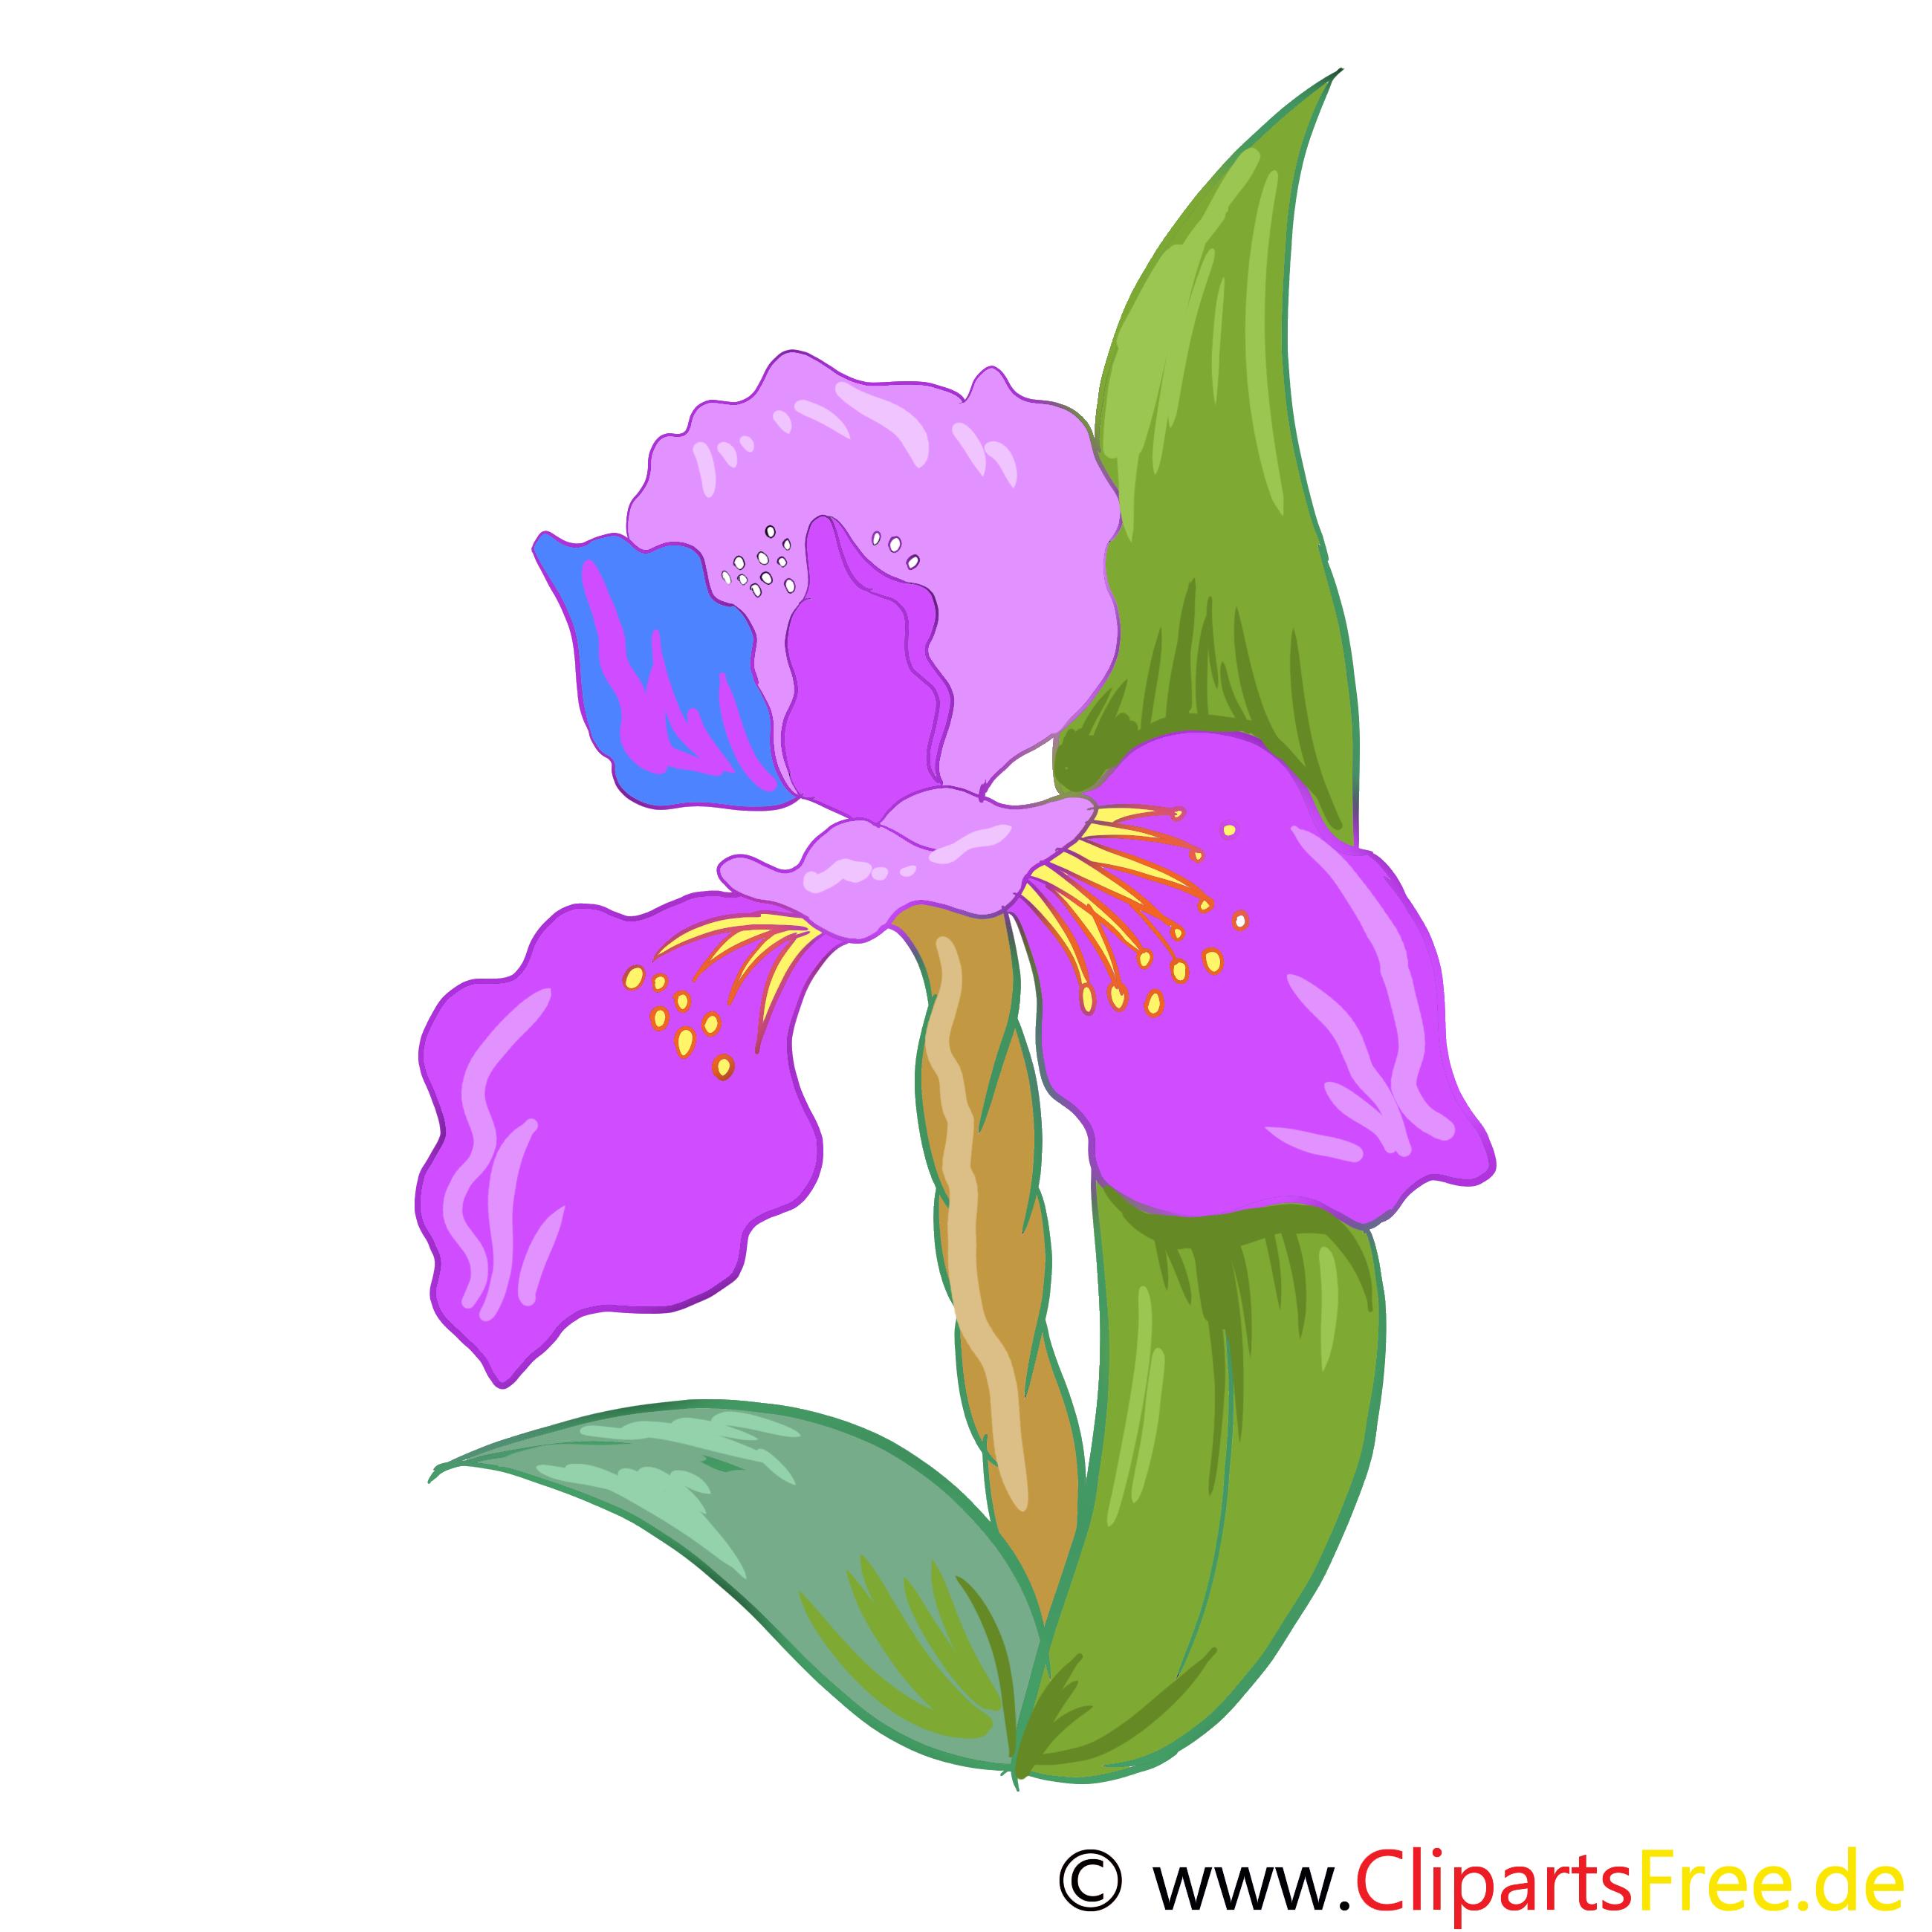 Iris cliparts gratuis – Fleurs images